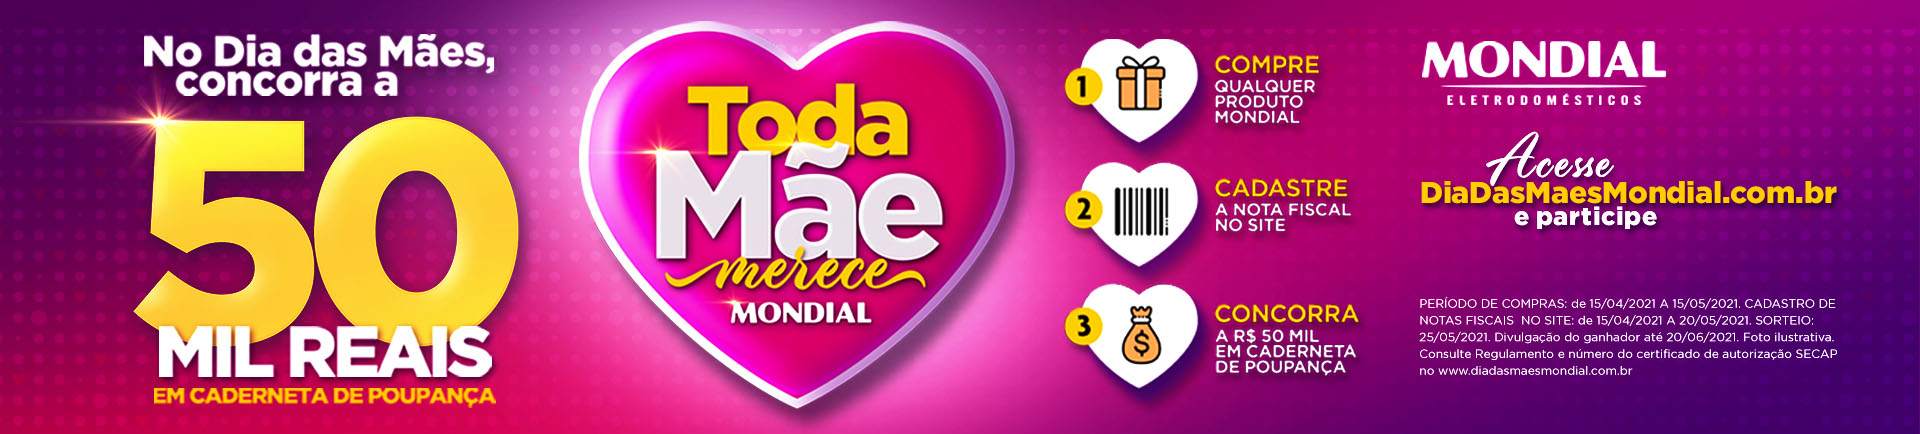 Campanha Mondial - dia das mães desktop